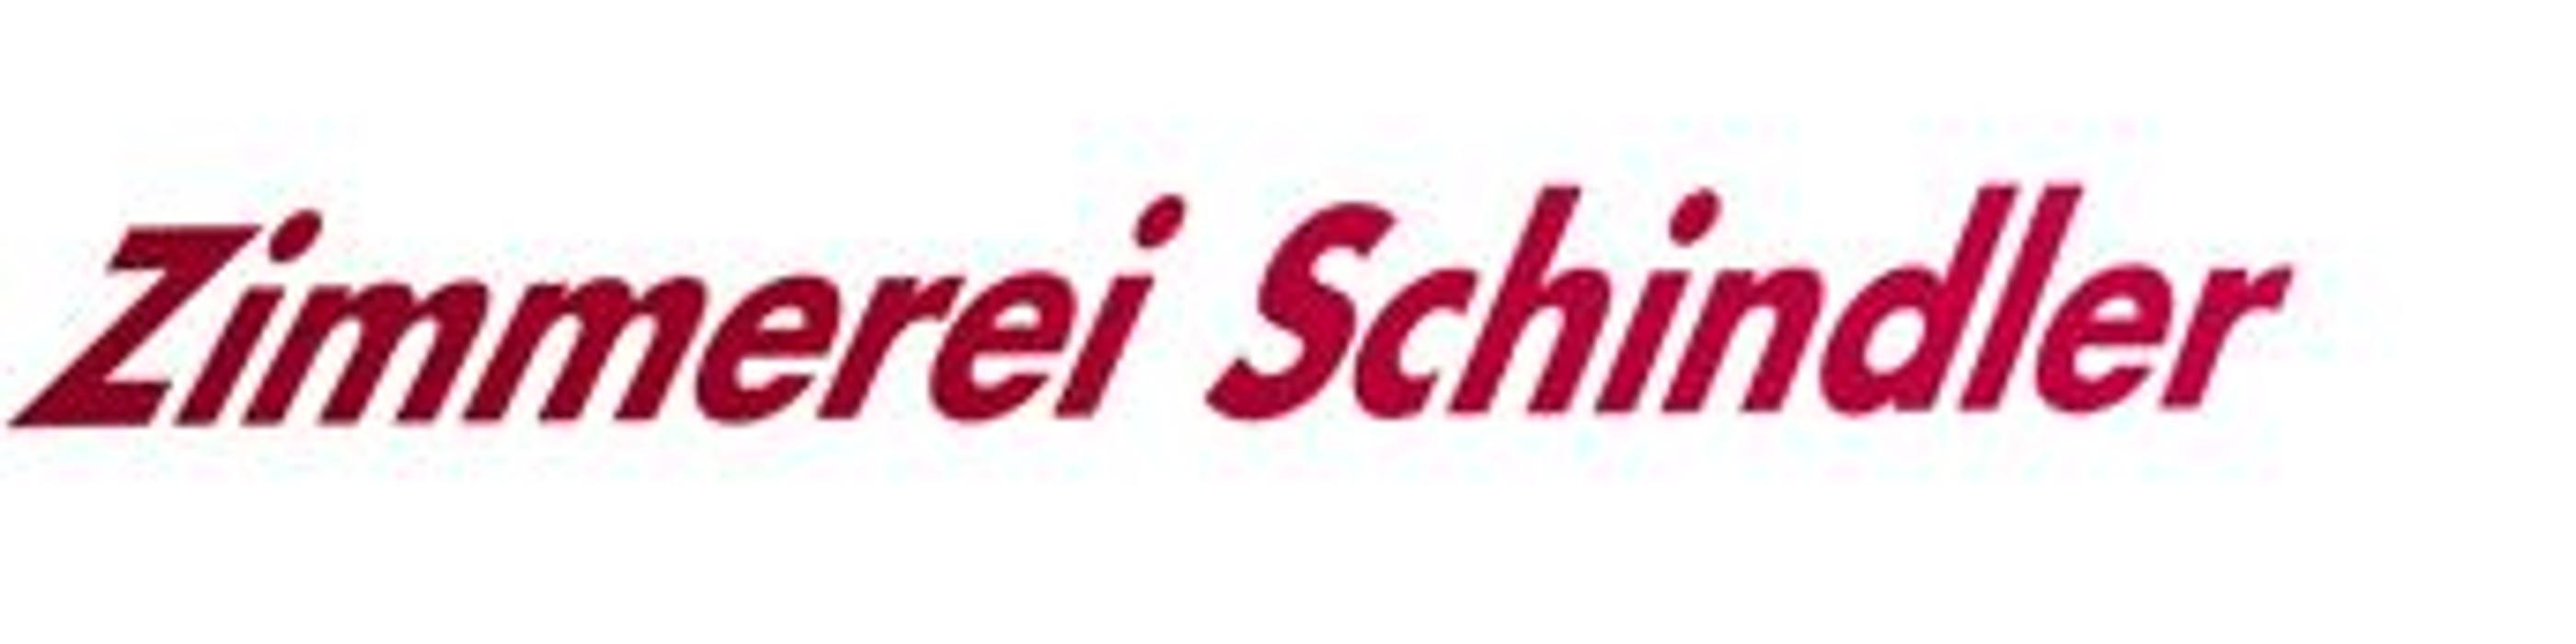 Bild zu Zimmerei Schindler Inh. Christian Schindler Zimmerermeister in Braunschweig